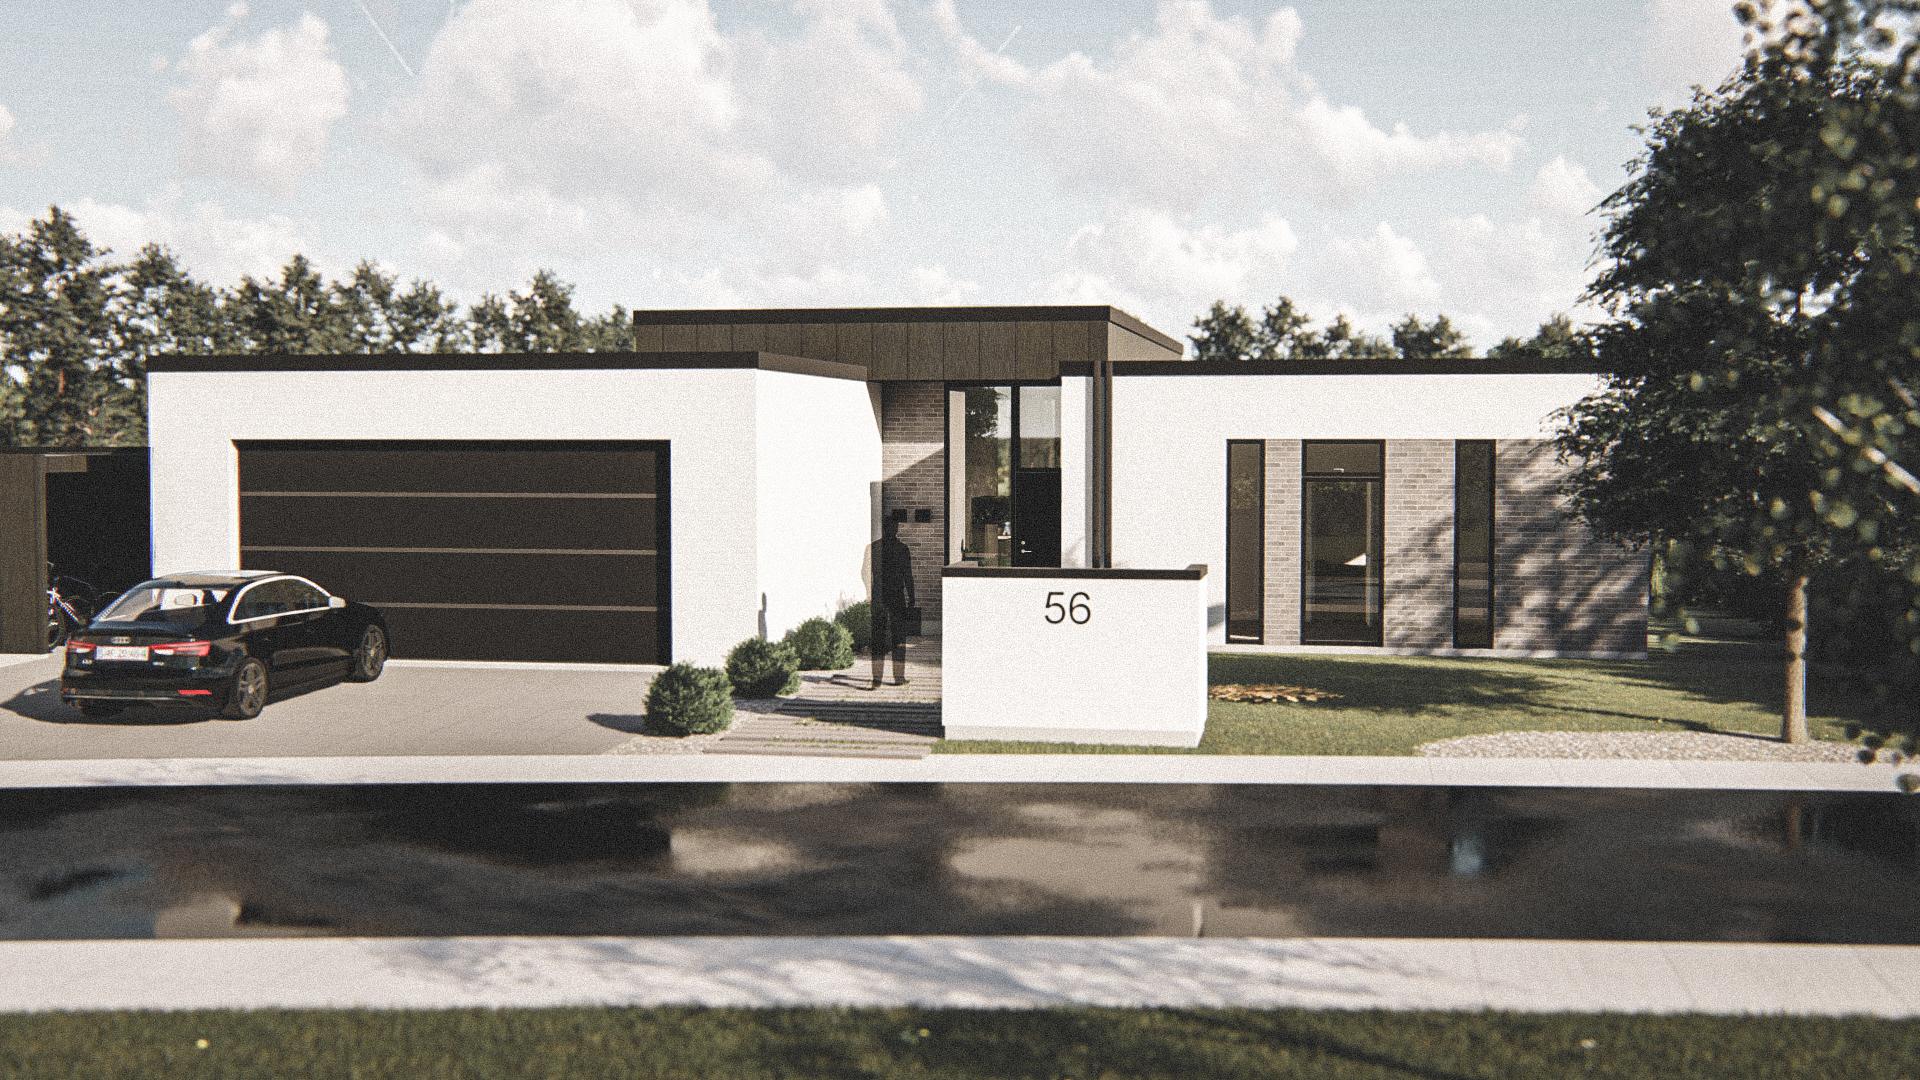 Billede af Dansk arkitekttegnet 1 plan villa af arkitektfirmaet m2plus, i Aars på 195 kvartratmeter.